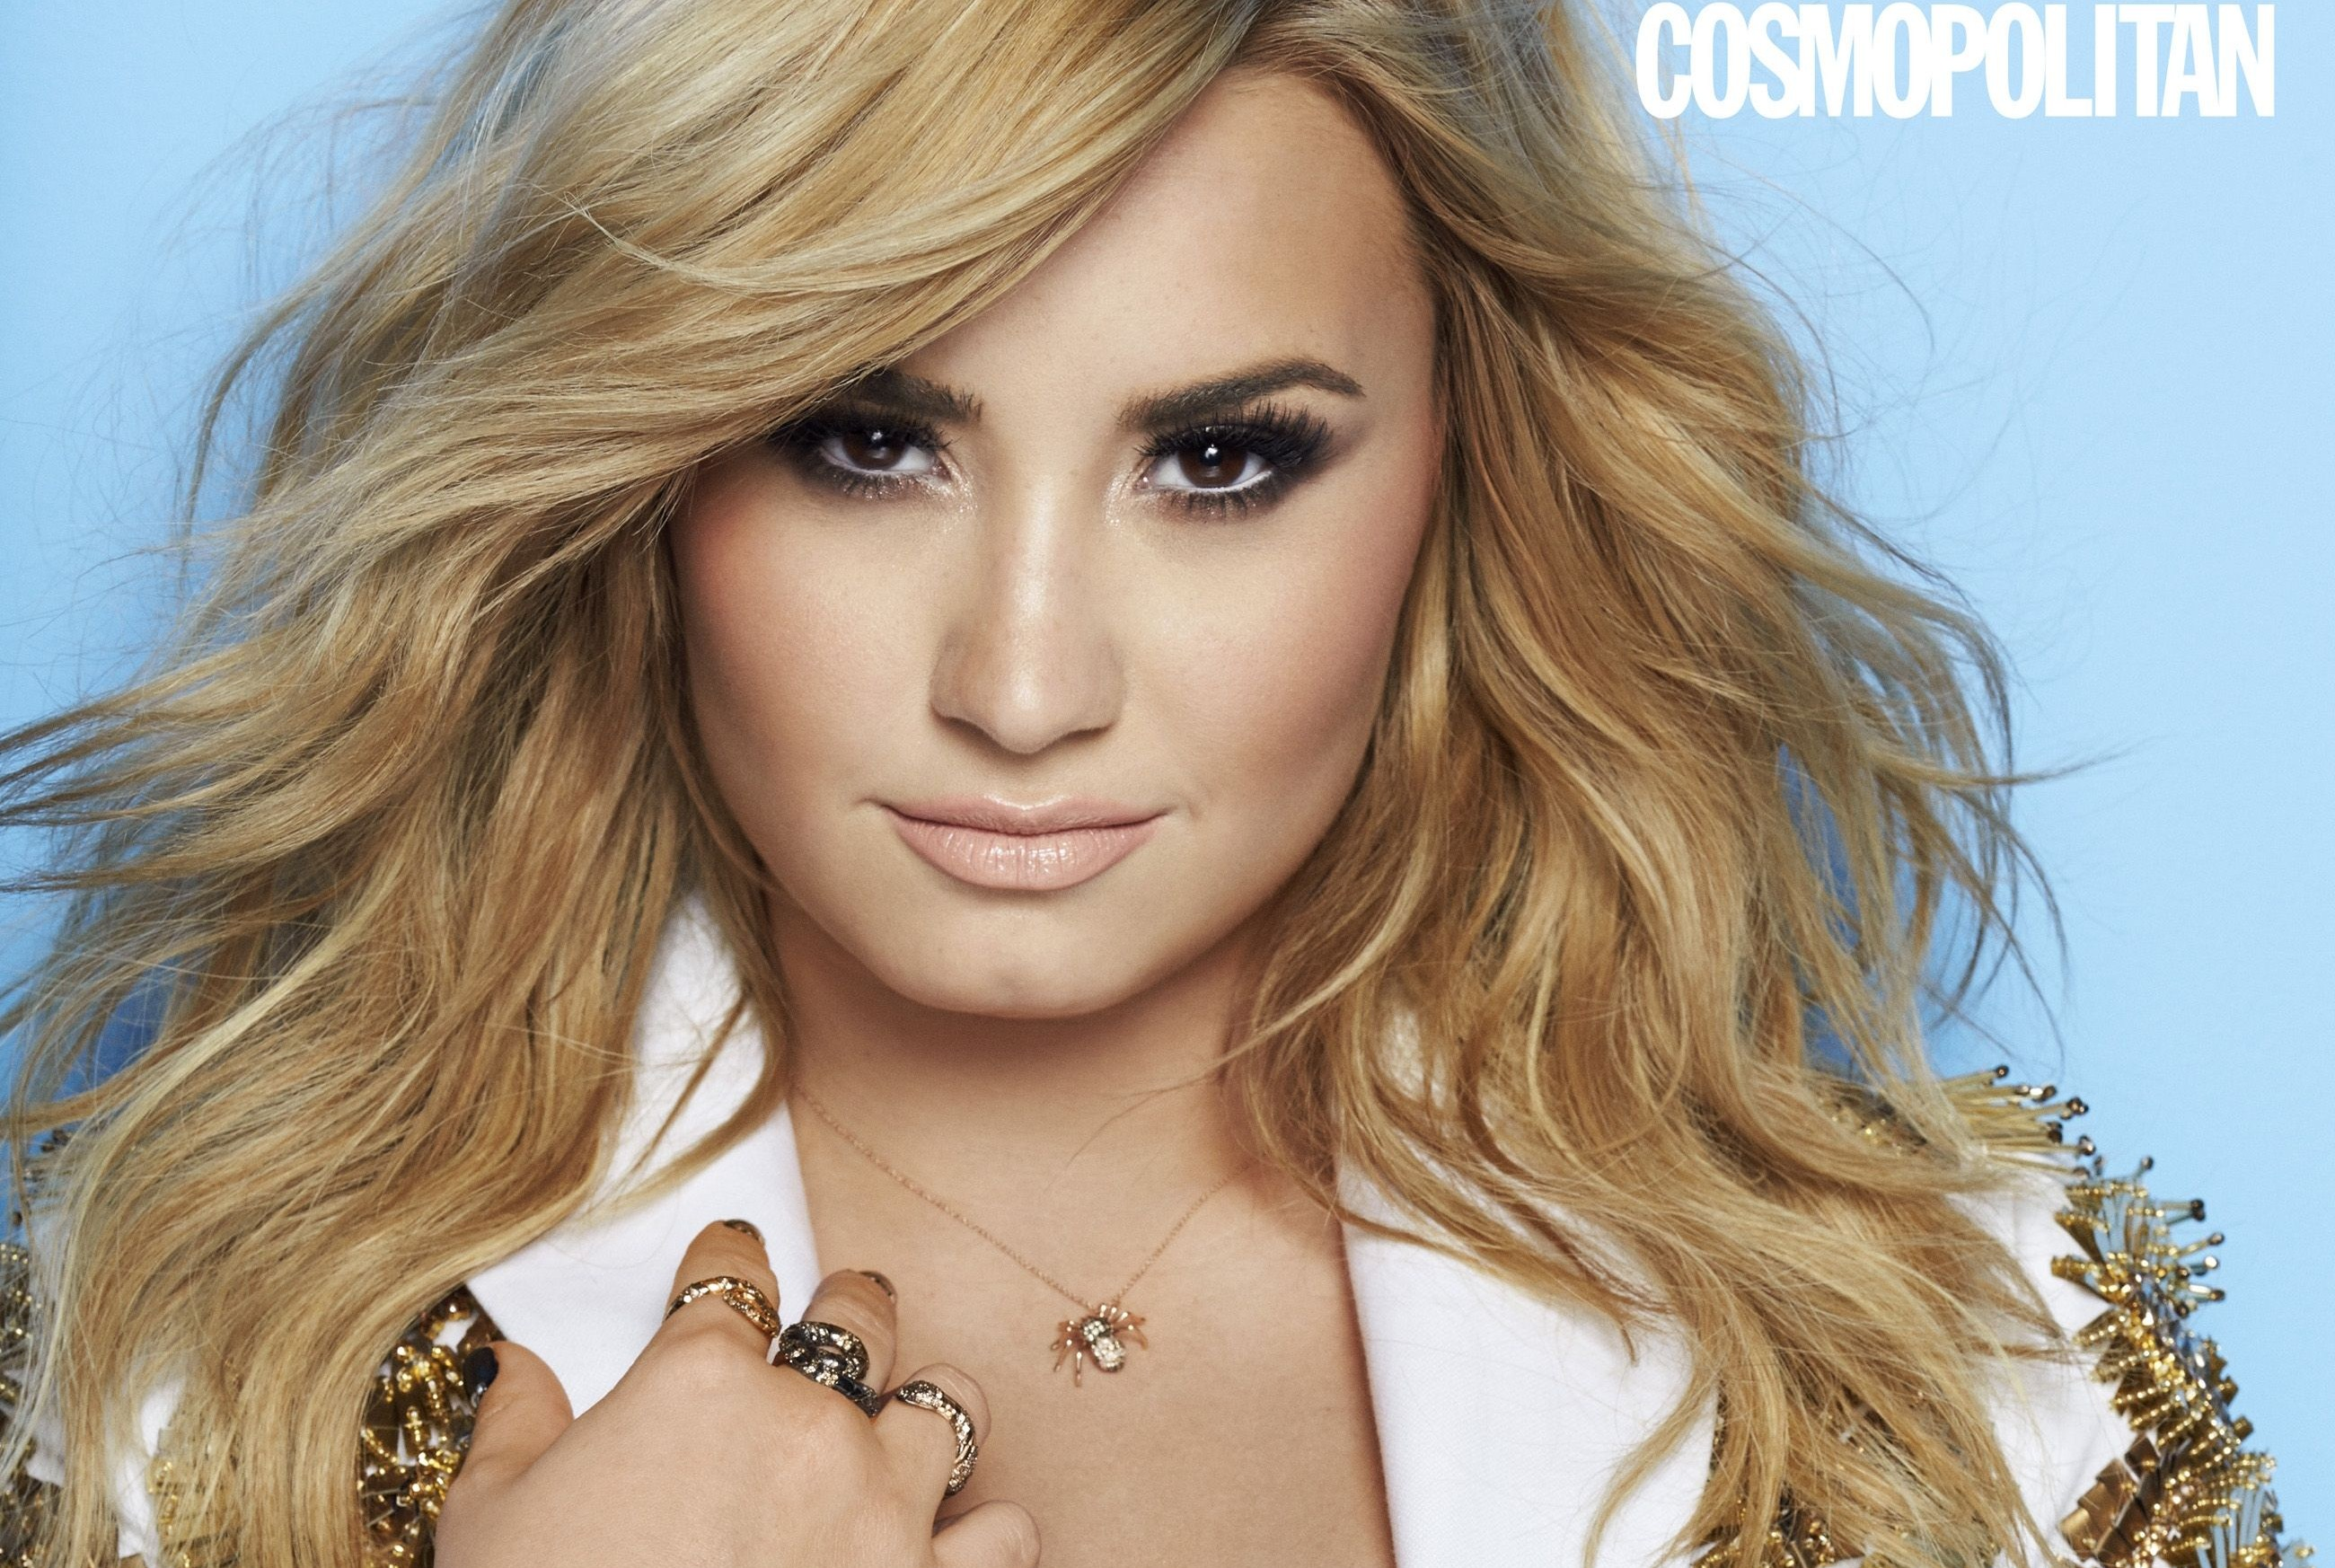 Demi Lovato su Cosmopolitan per combattere la bulimia